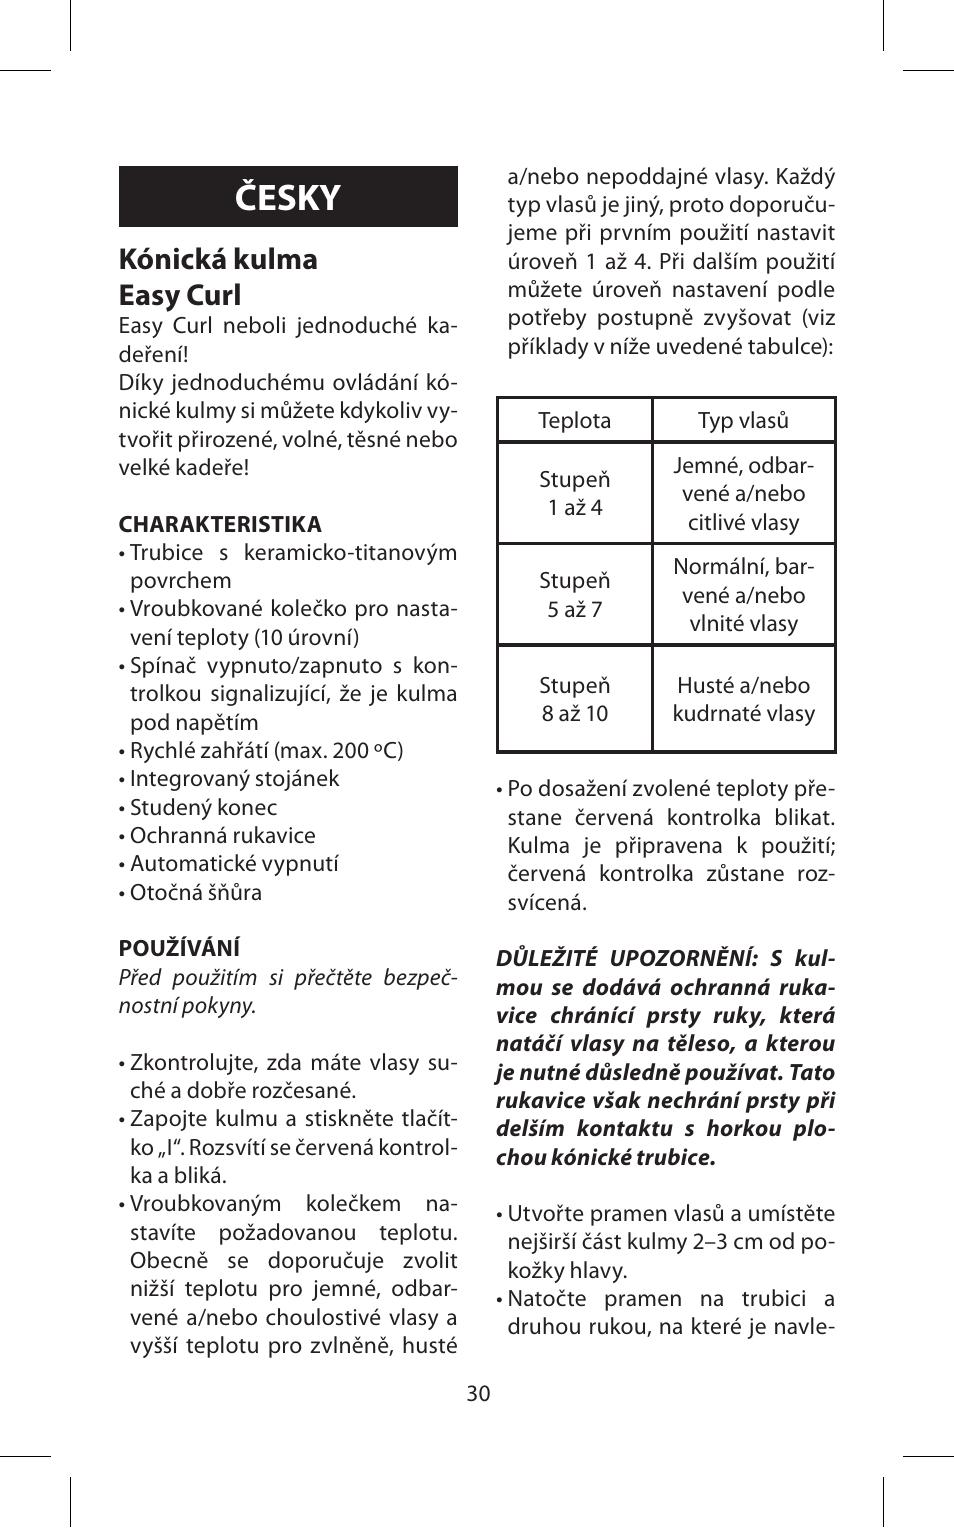 Česky cdb65a6de9f